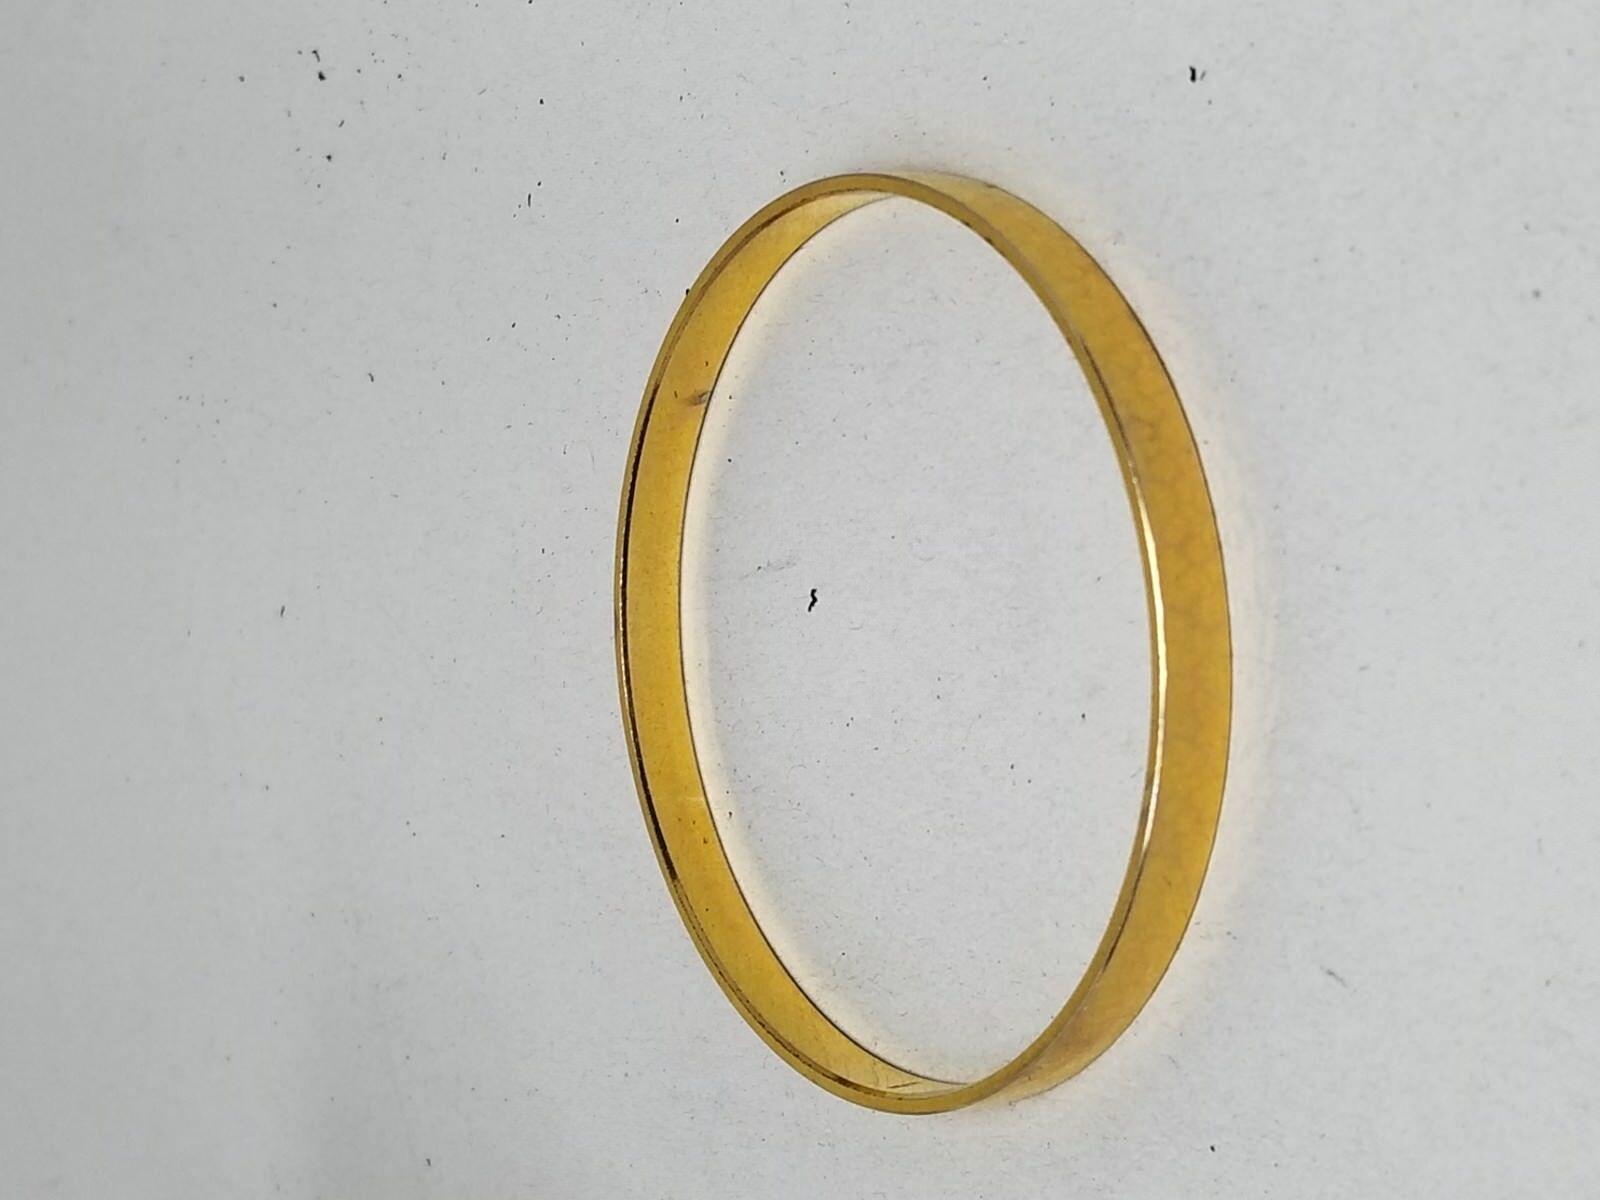 GERMANY Gold Tone Faceted Bangle Vintage Bracelet